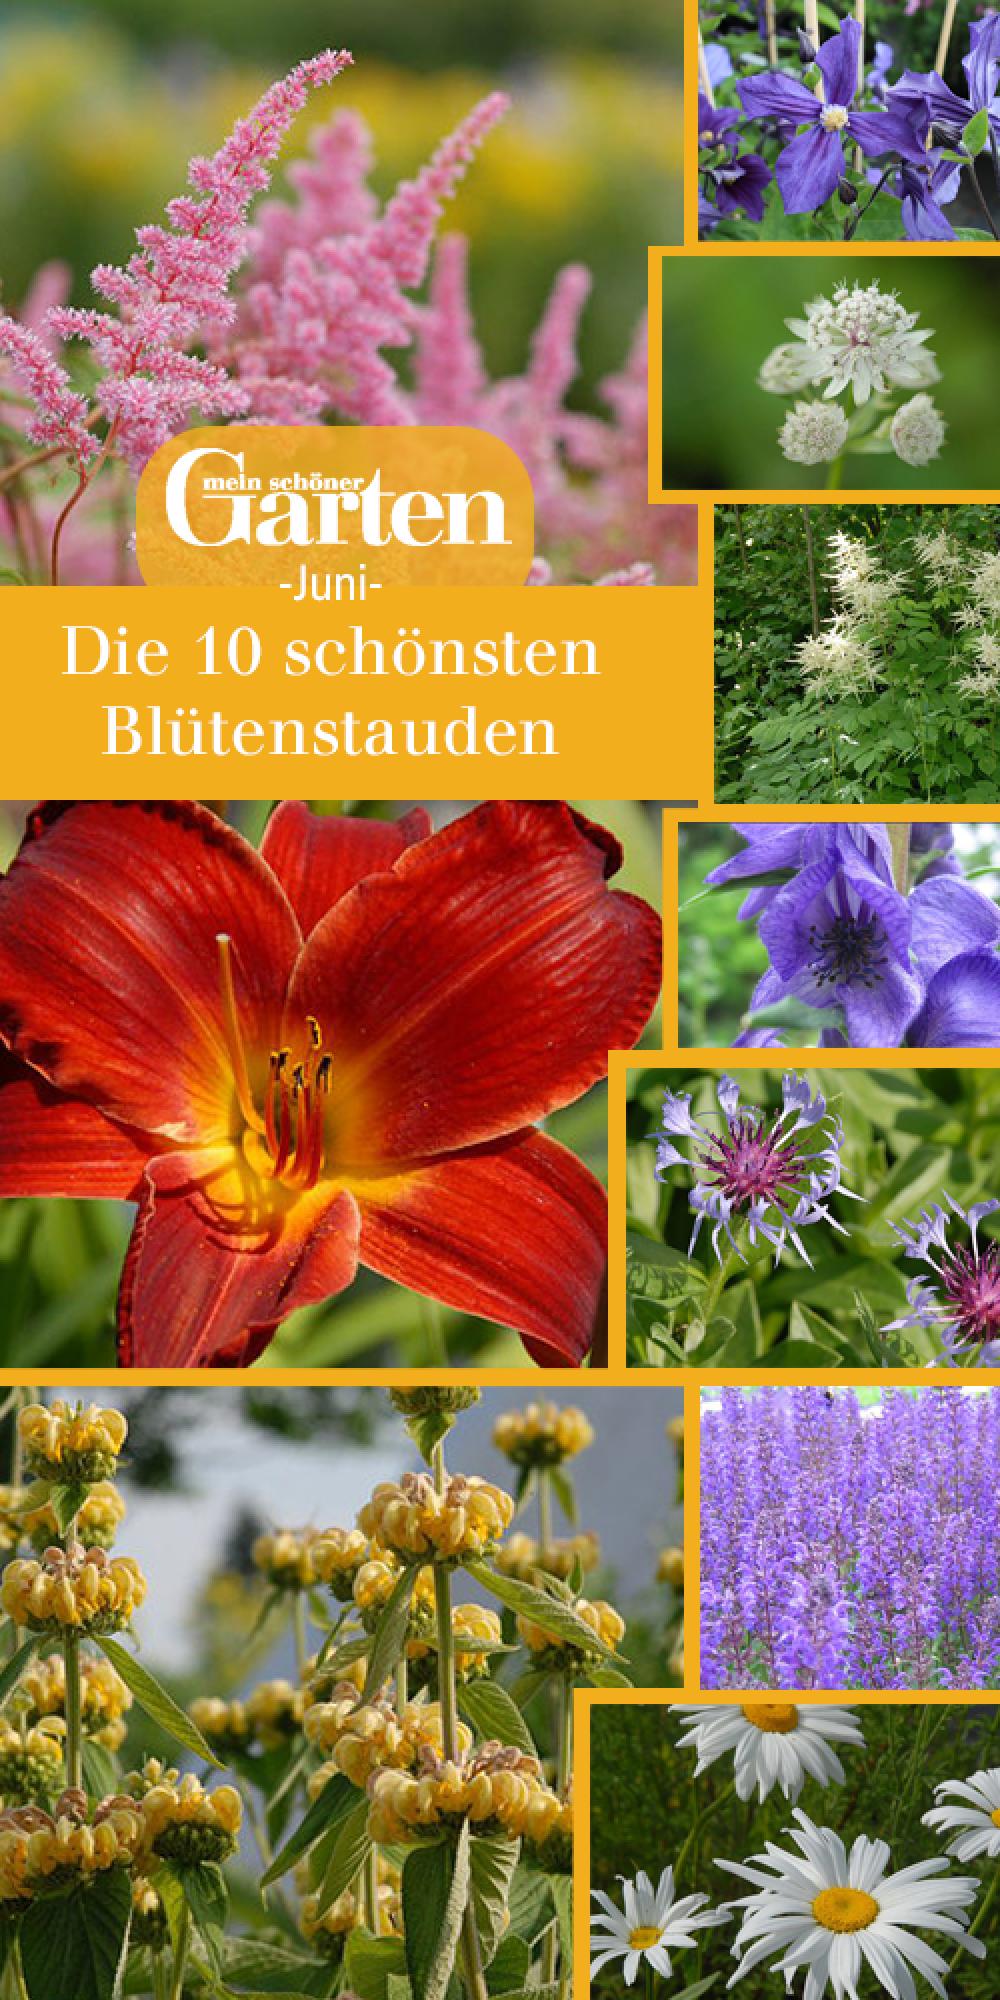 Die 10 schönsten Blütenstauden im Juni | Pinterest | Stauden, Schöne ...